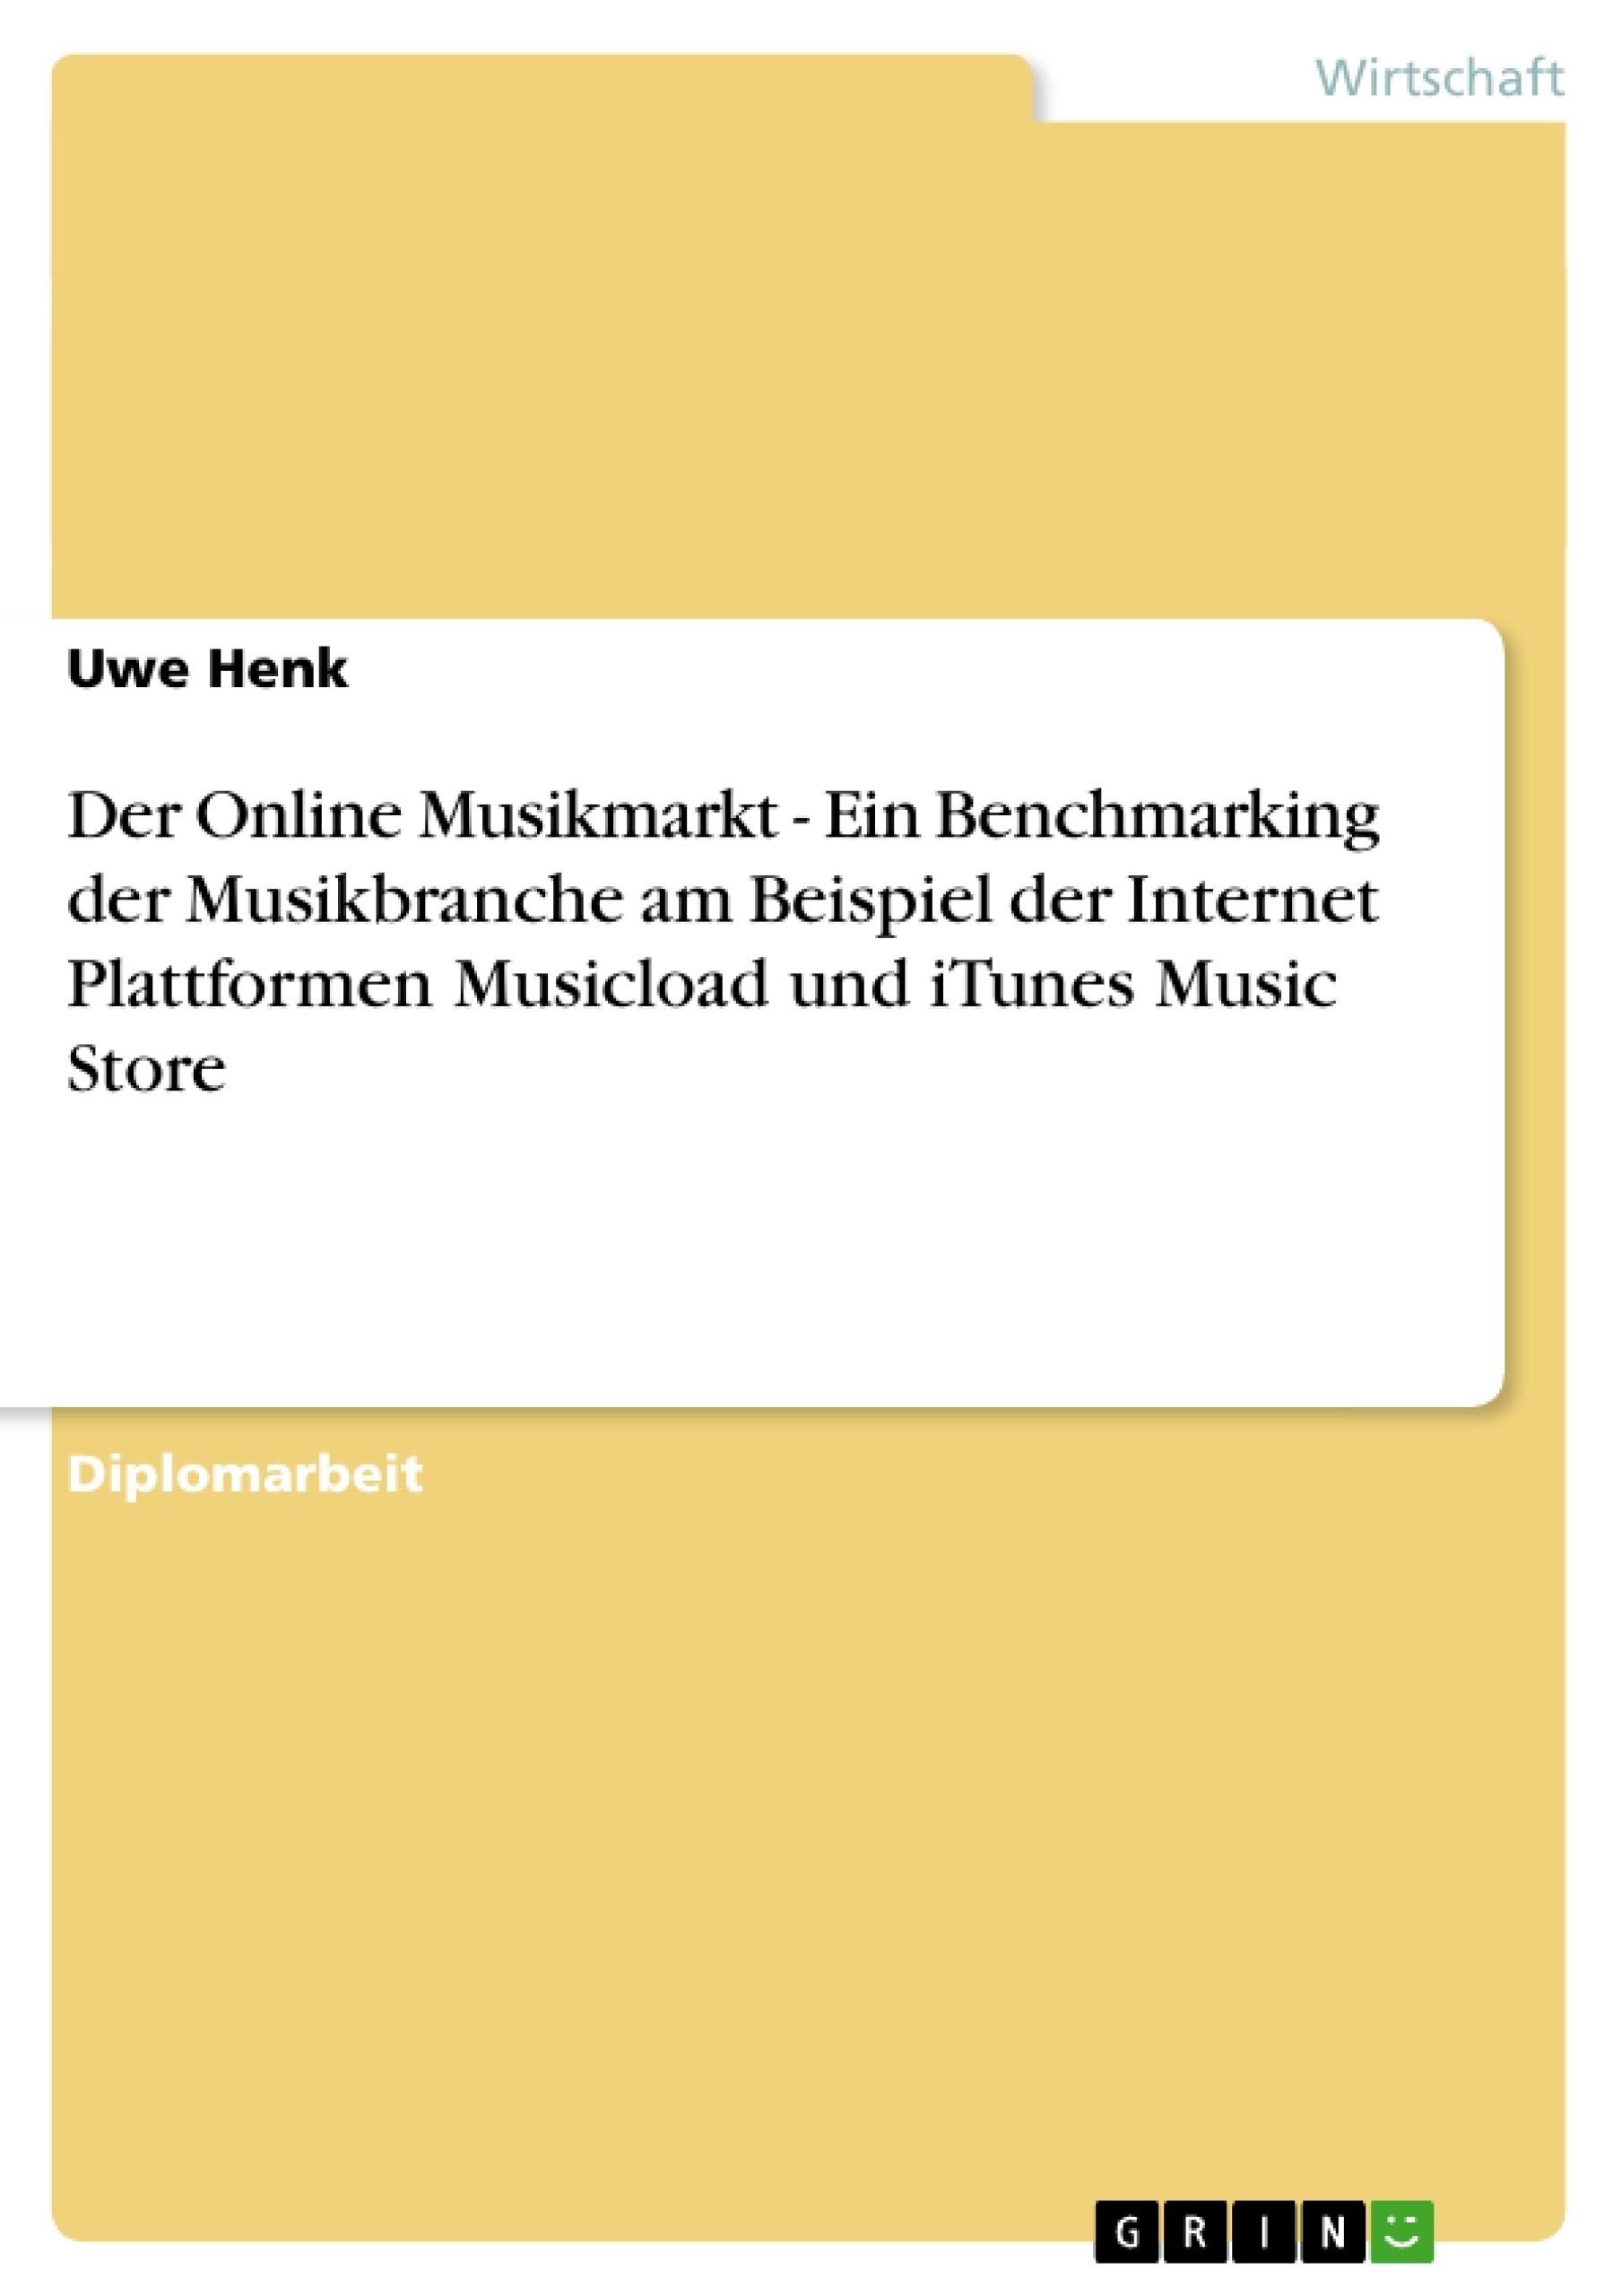 Titel: Der Online Musikmarkt - Ein Benchmarking der Musikbranche am Beispiel der Internet Plattformen Musicload und iTunes Music Store